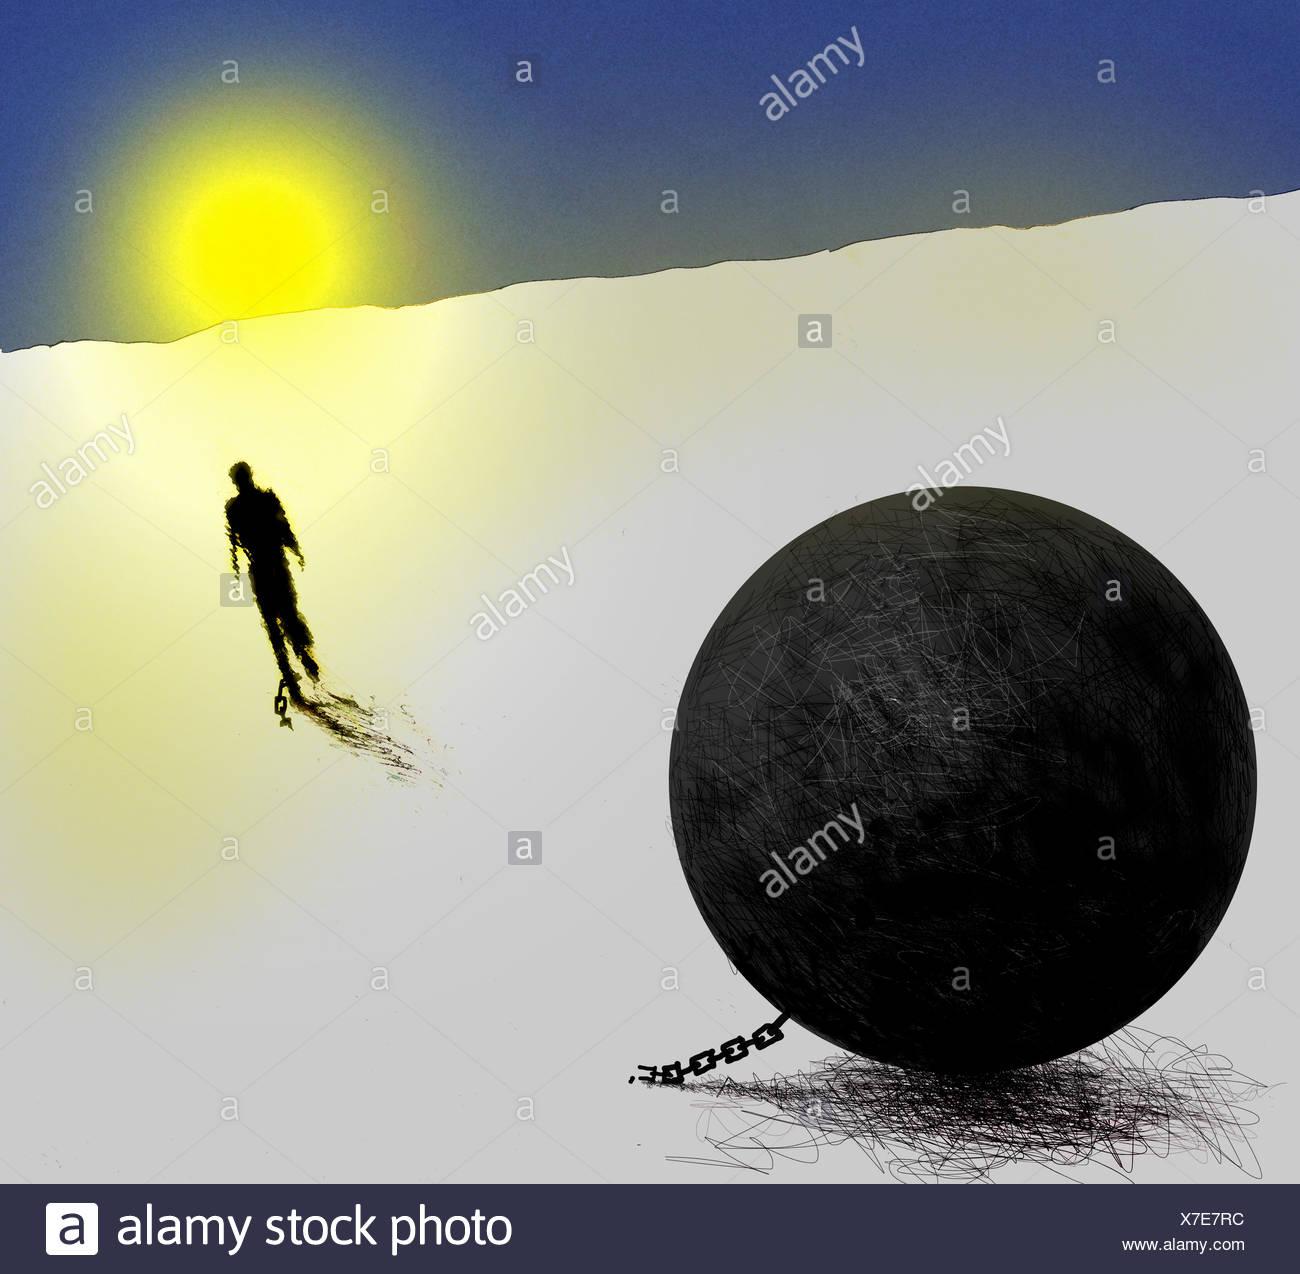 El hombre liberarse de la bola y la cadena Imagen De Stock